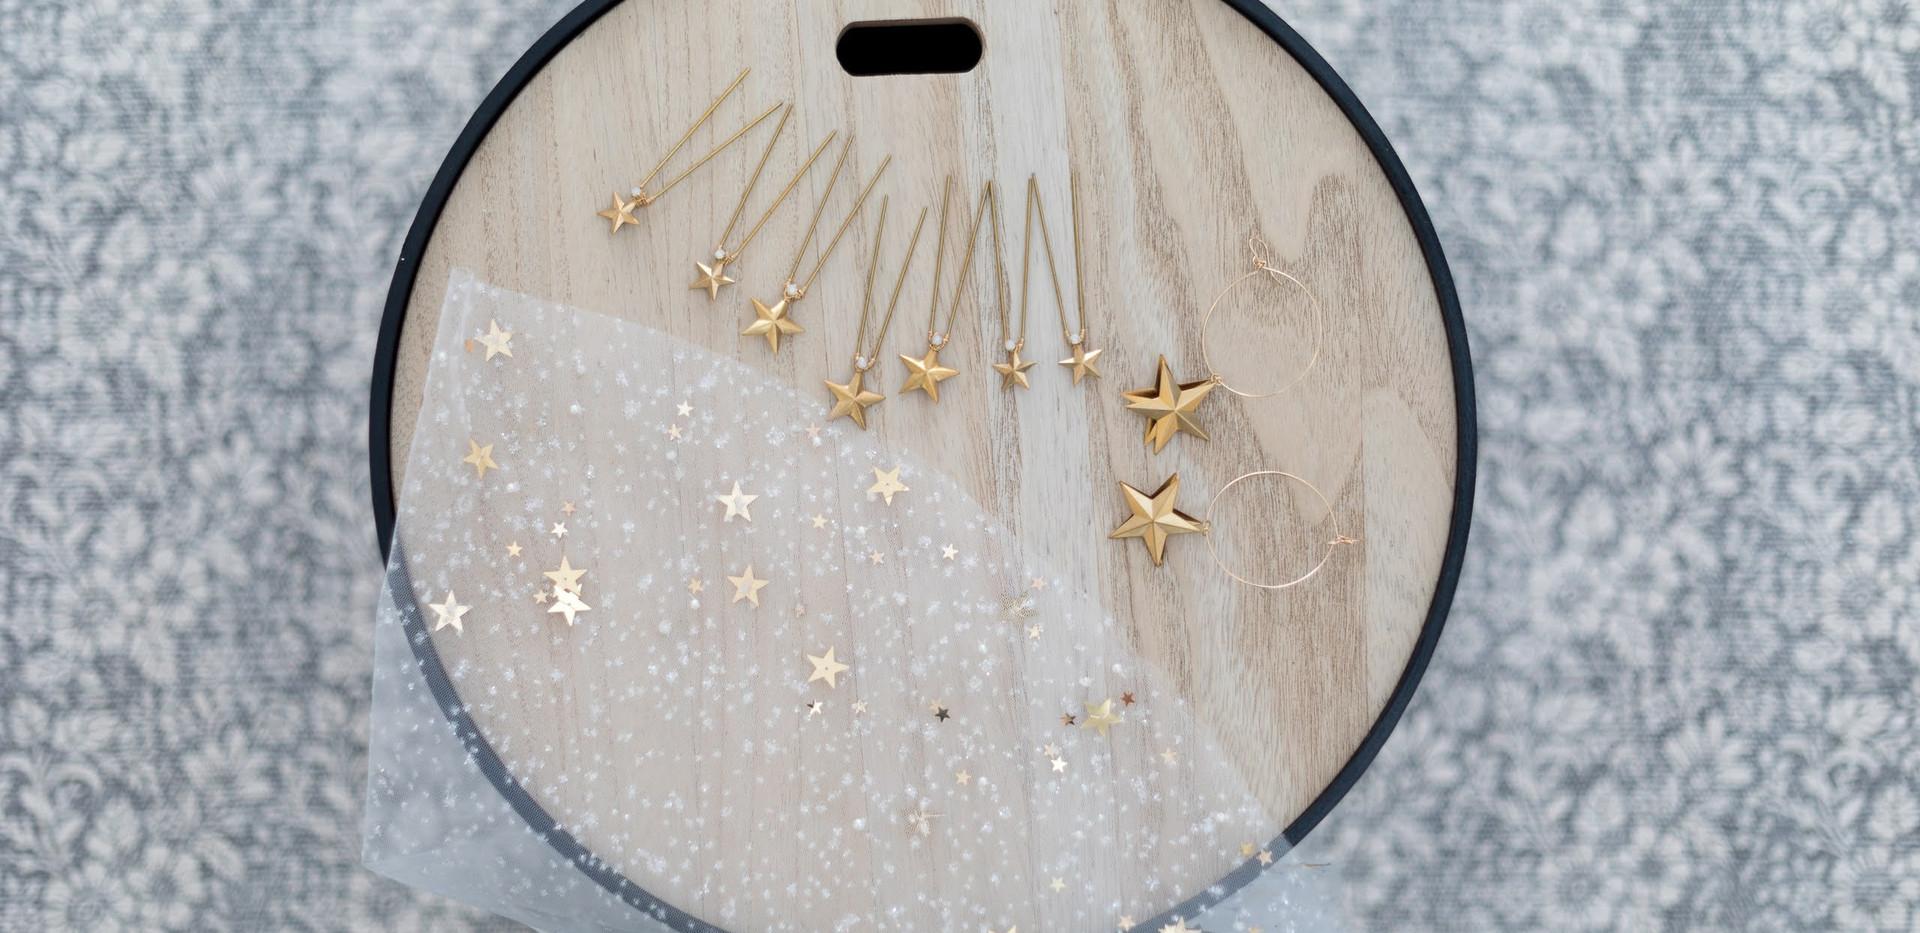 star accessories